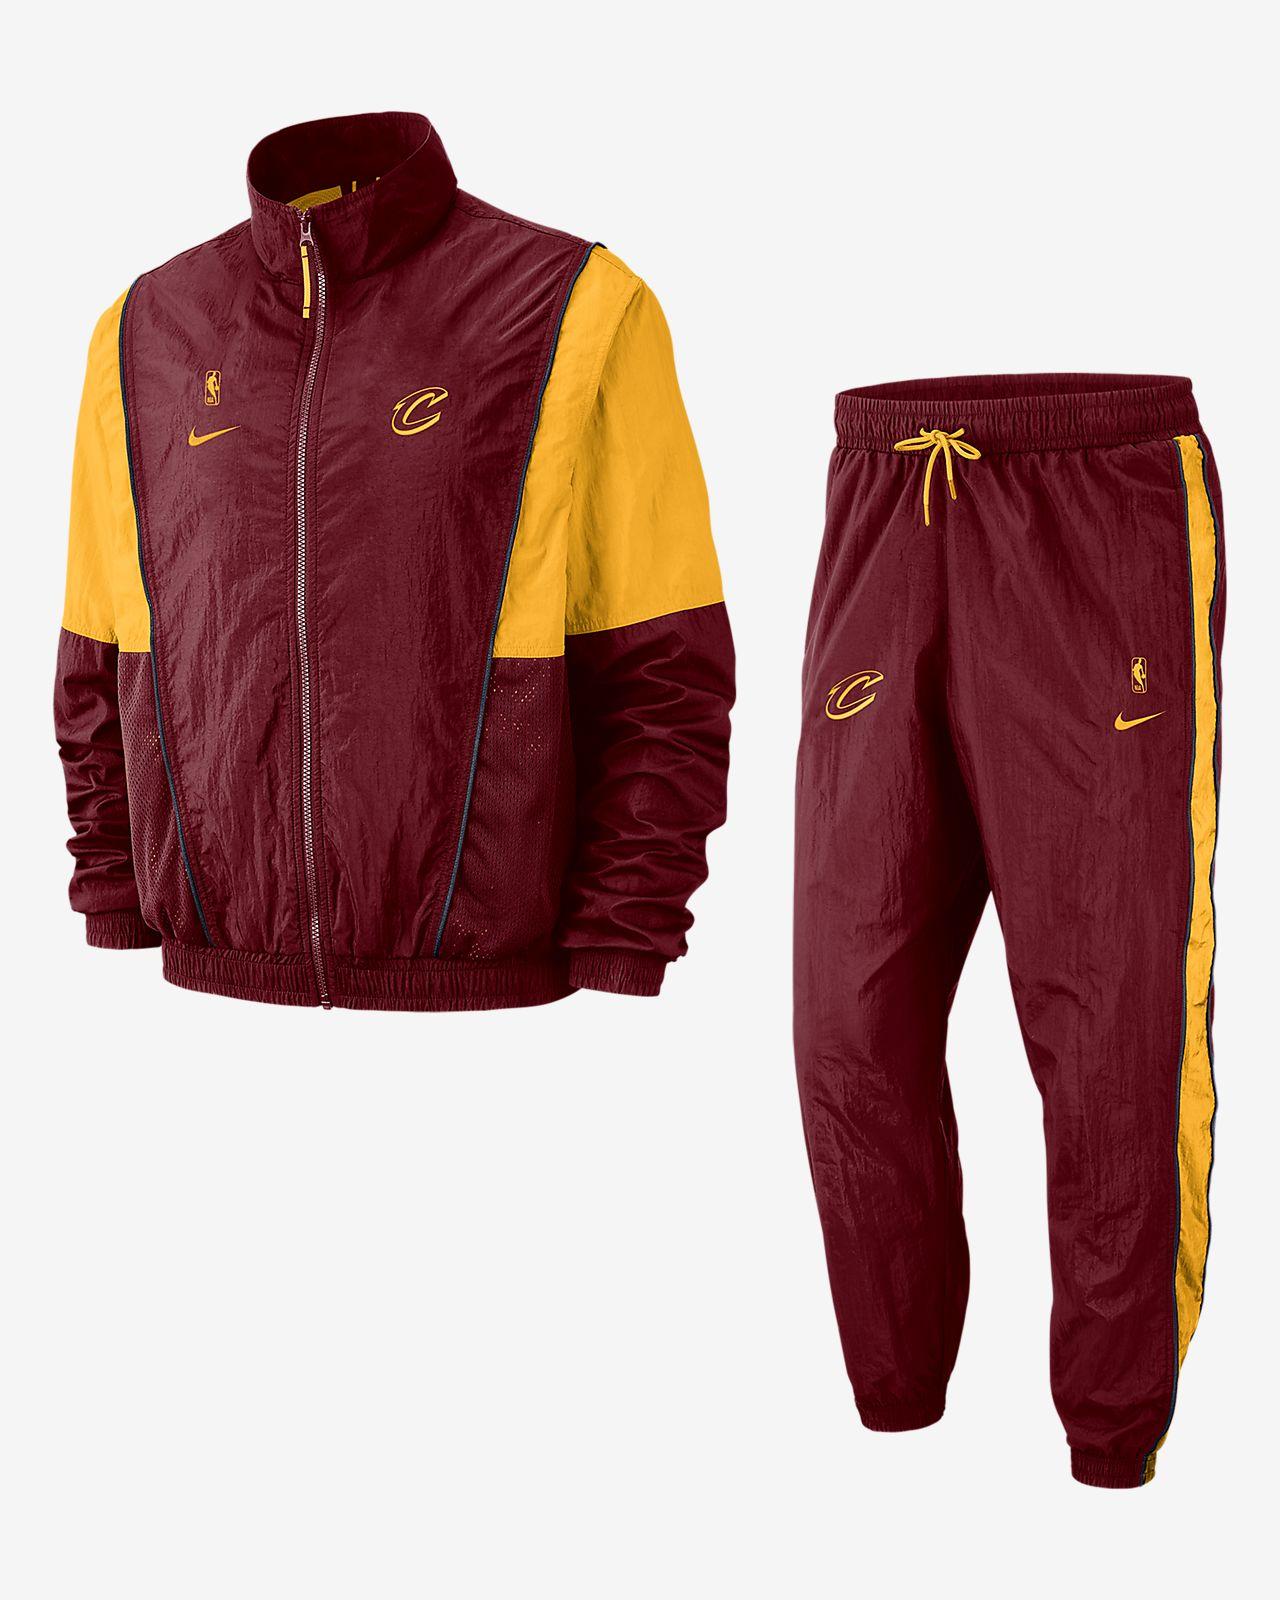 6f206b7b4 Cavaliers Nba De Hombre Nike Chándal Es La Cleveland 1Uqdw1